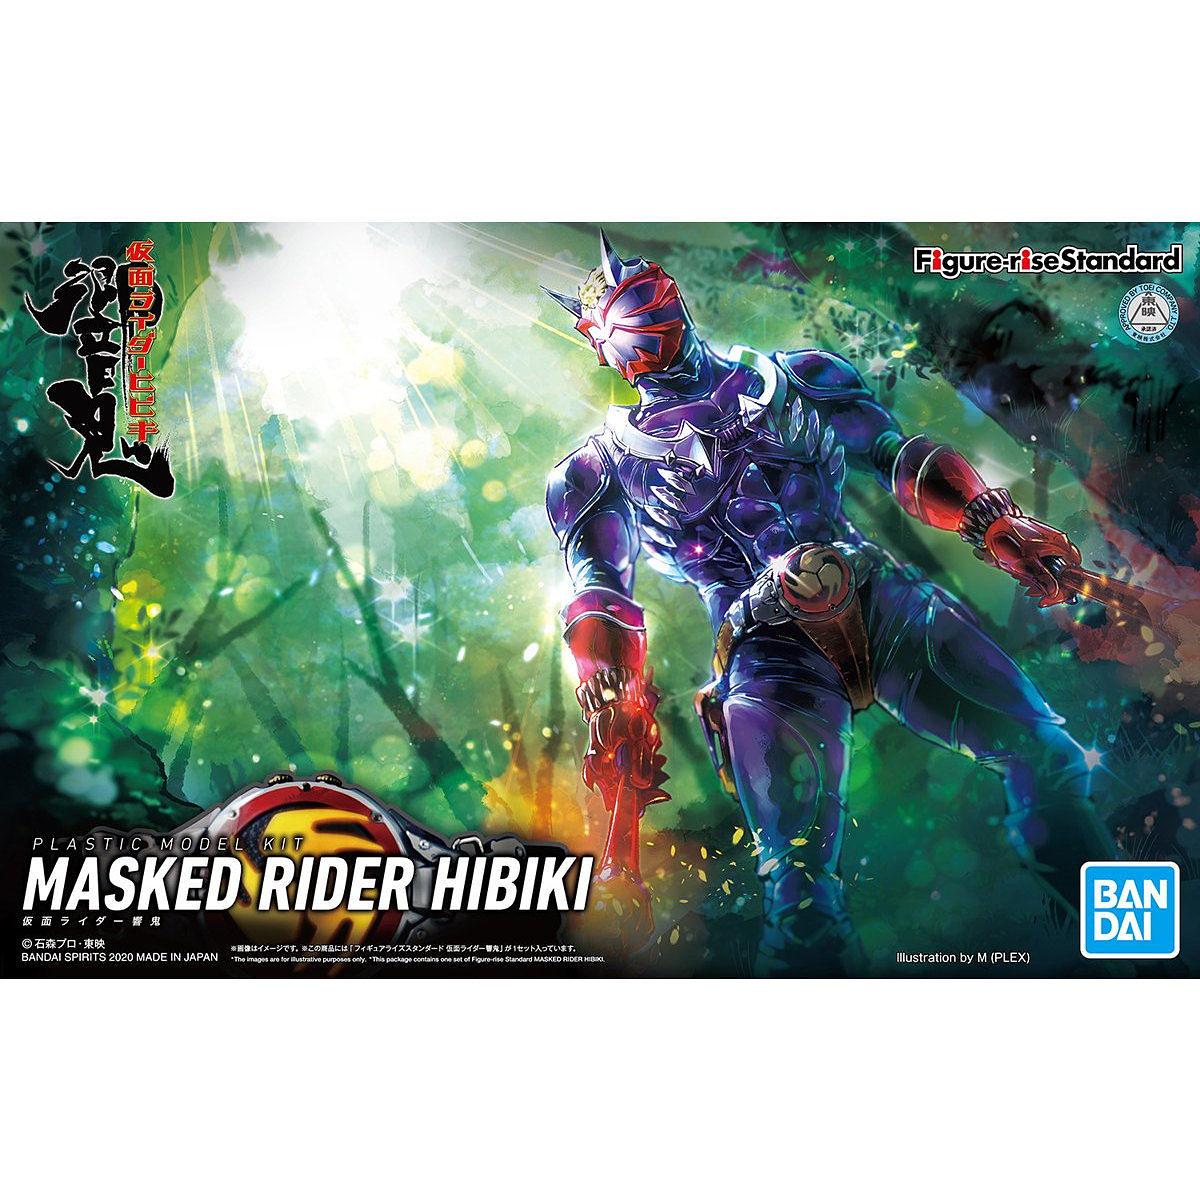 Bandai Spirits Figure-Rise Standard Kamen Rider Masked Rider Hibiki